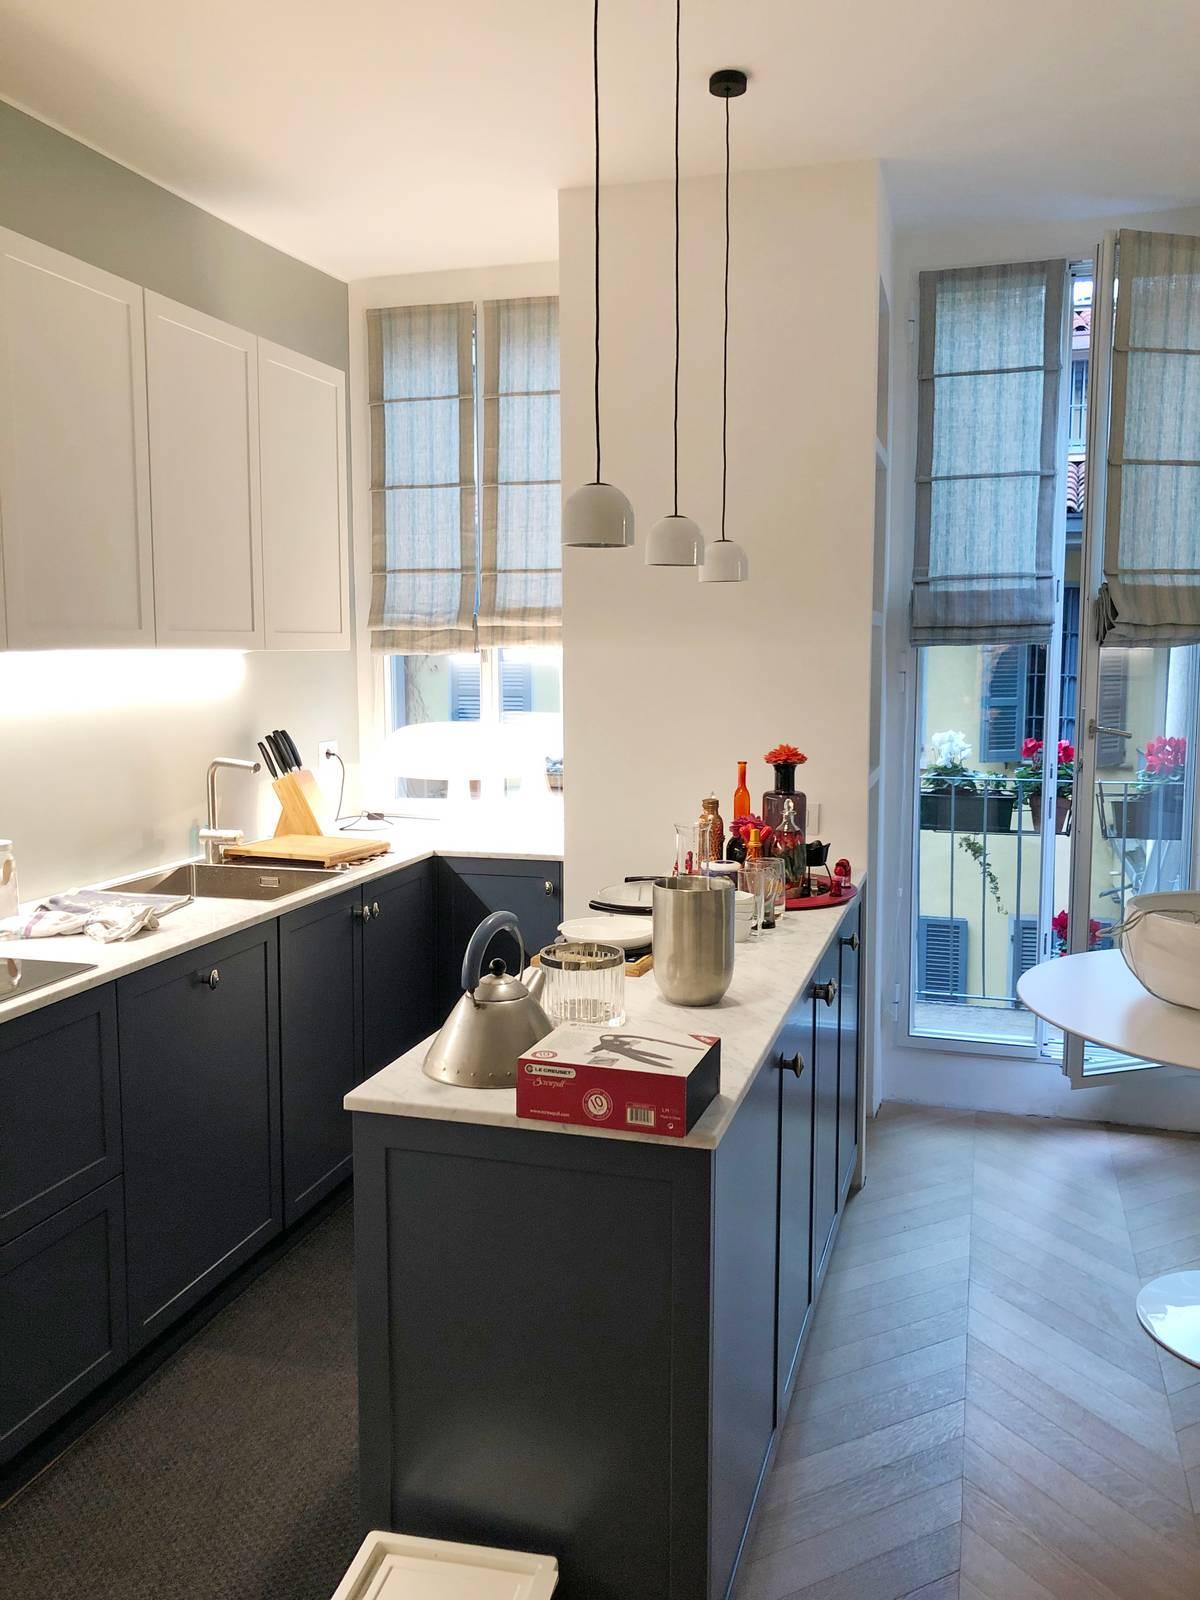 Cucine Modernissime Con Isola una cucina separata con l'isola. tradizione e